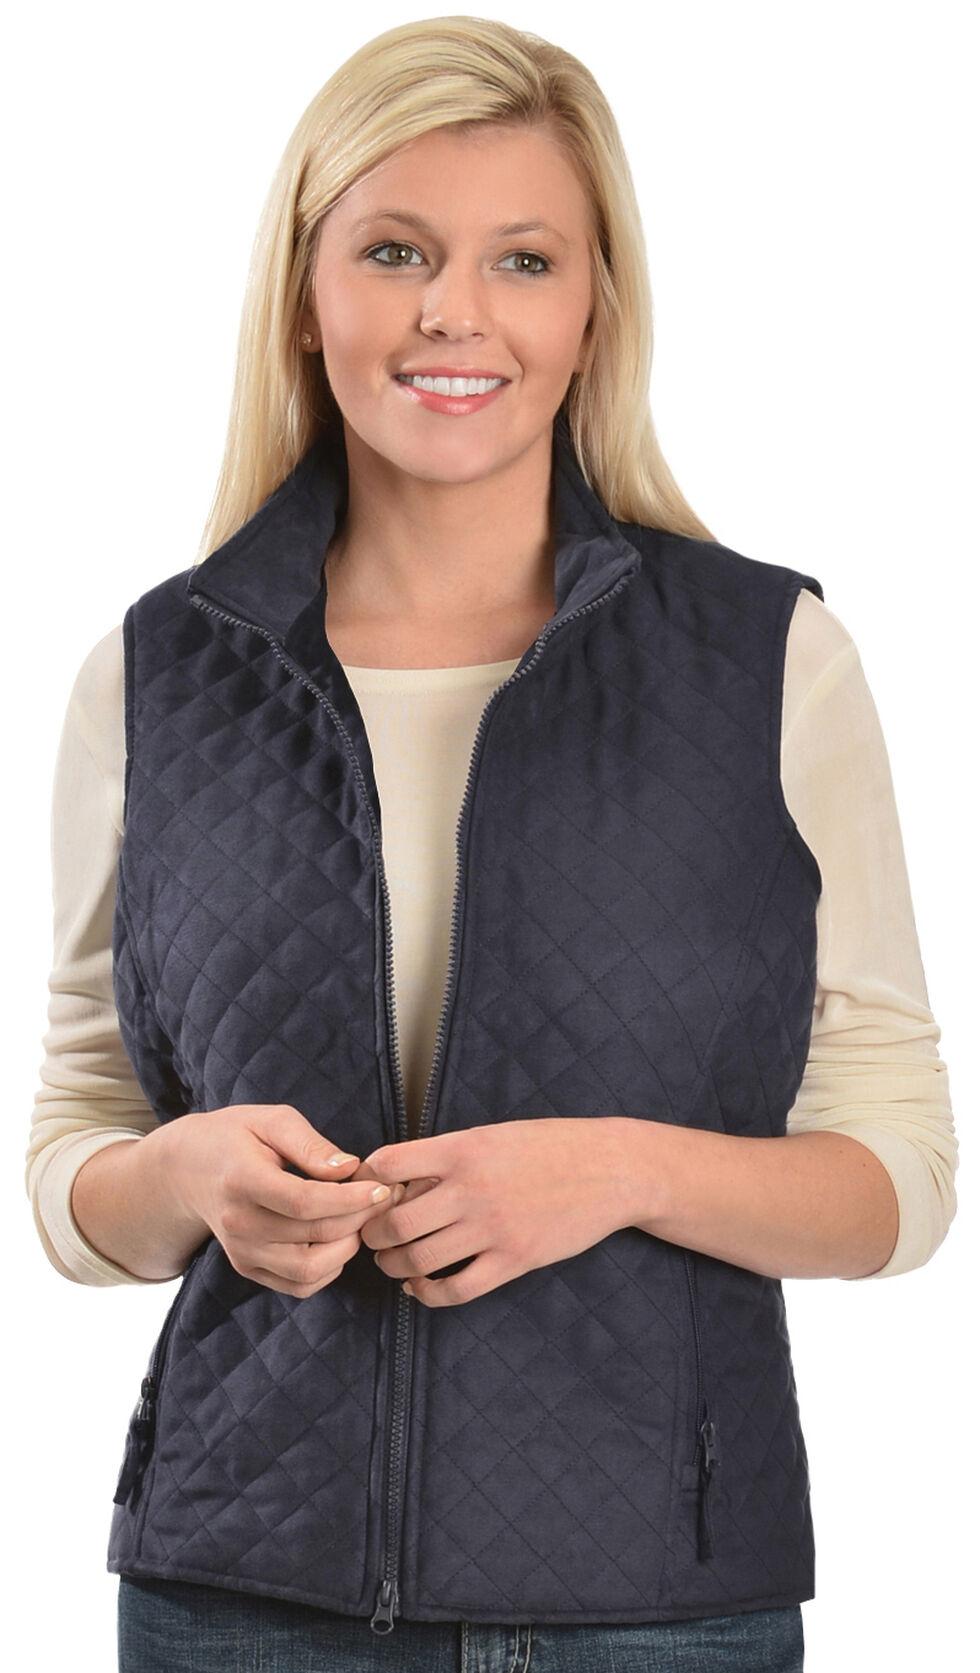 Outback Trading Co. Grand Prix Vest, Navy, hi-res